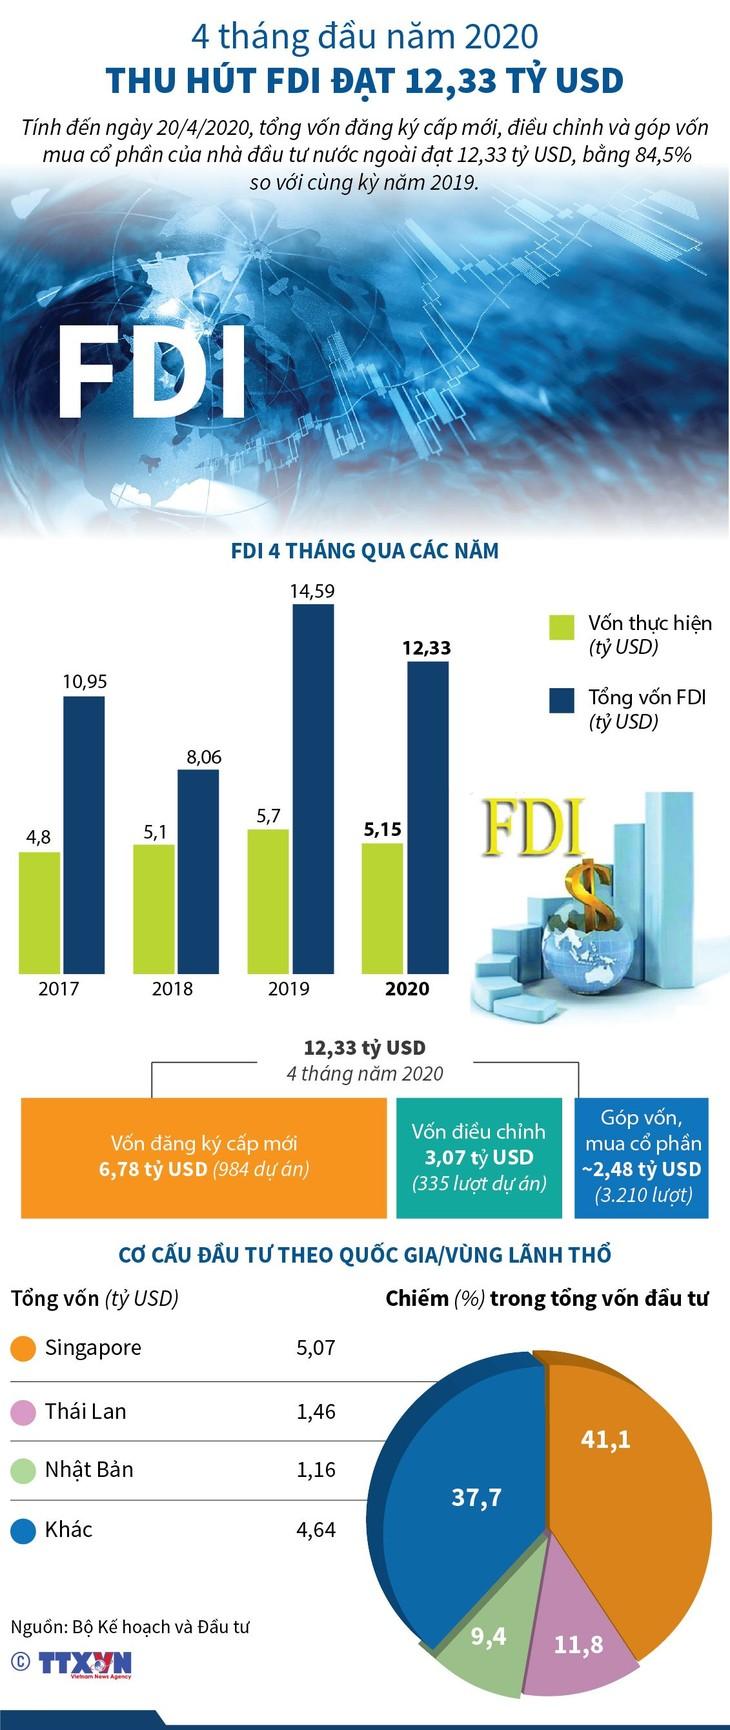 Internationale Medien: Wirtschaft Vietnams ist nach Covid-19-Epidemie für Investoren attraktiv - ảnh 1